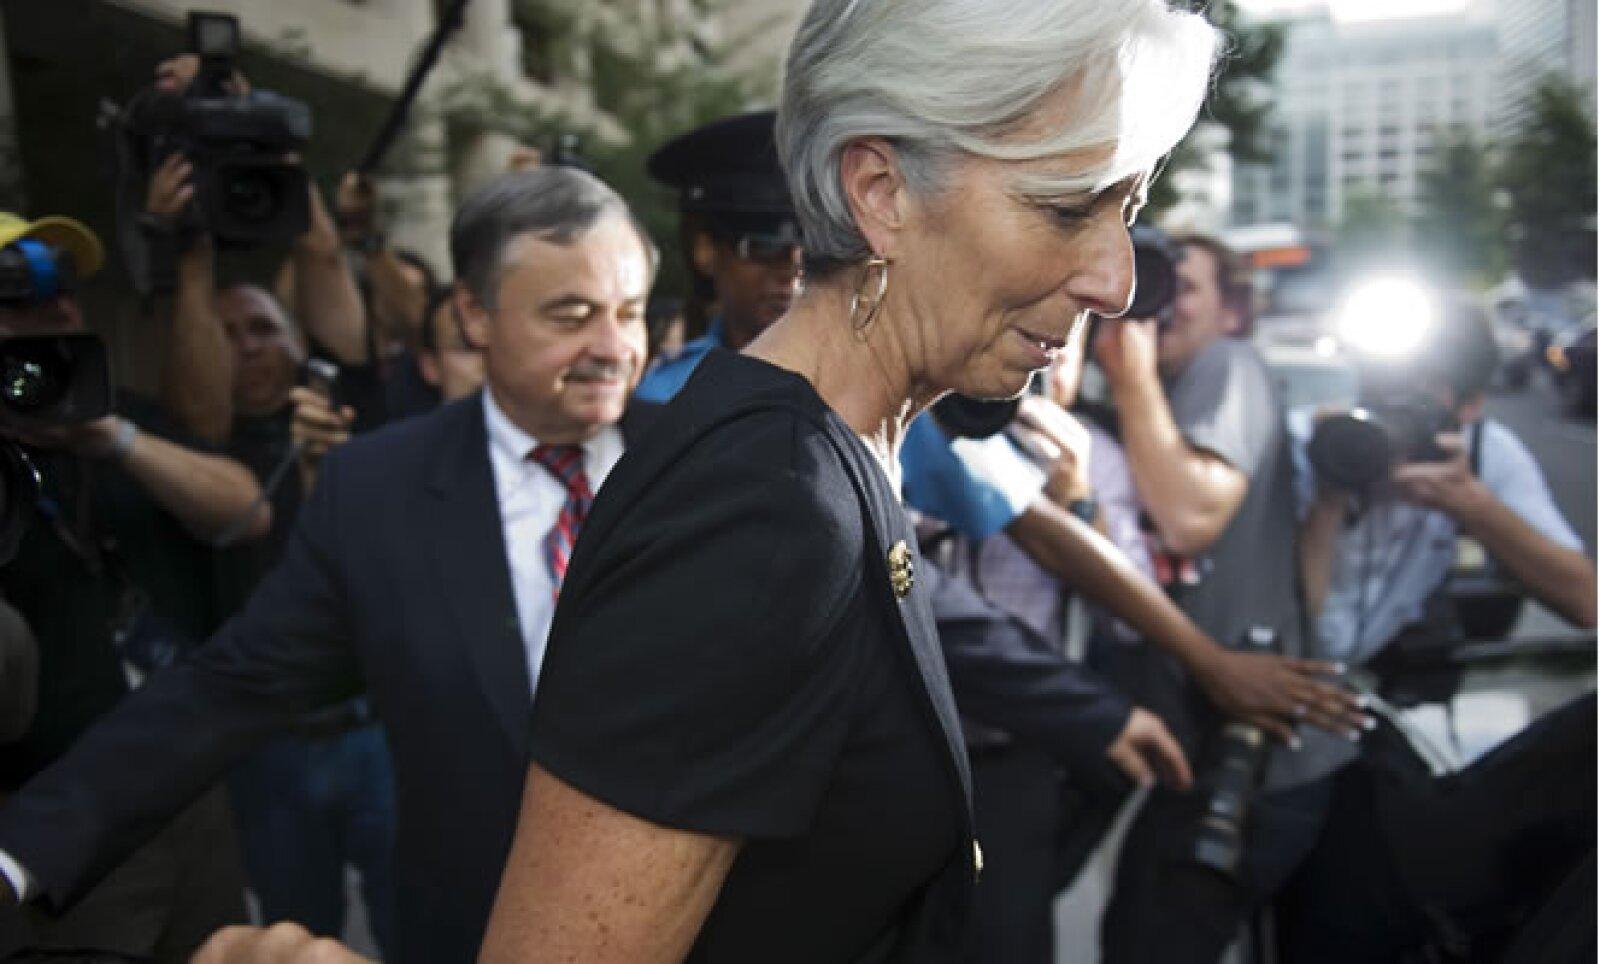 Países como Egipto, Indonesia, Corea del Sur, Rusia y las naciones africanas francoparlantes declararon tempranamente su apoyo por Lagarde, pero significan un poder de voto marginal.